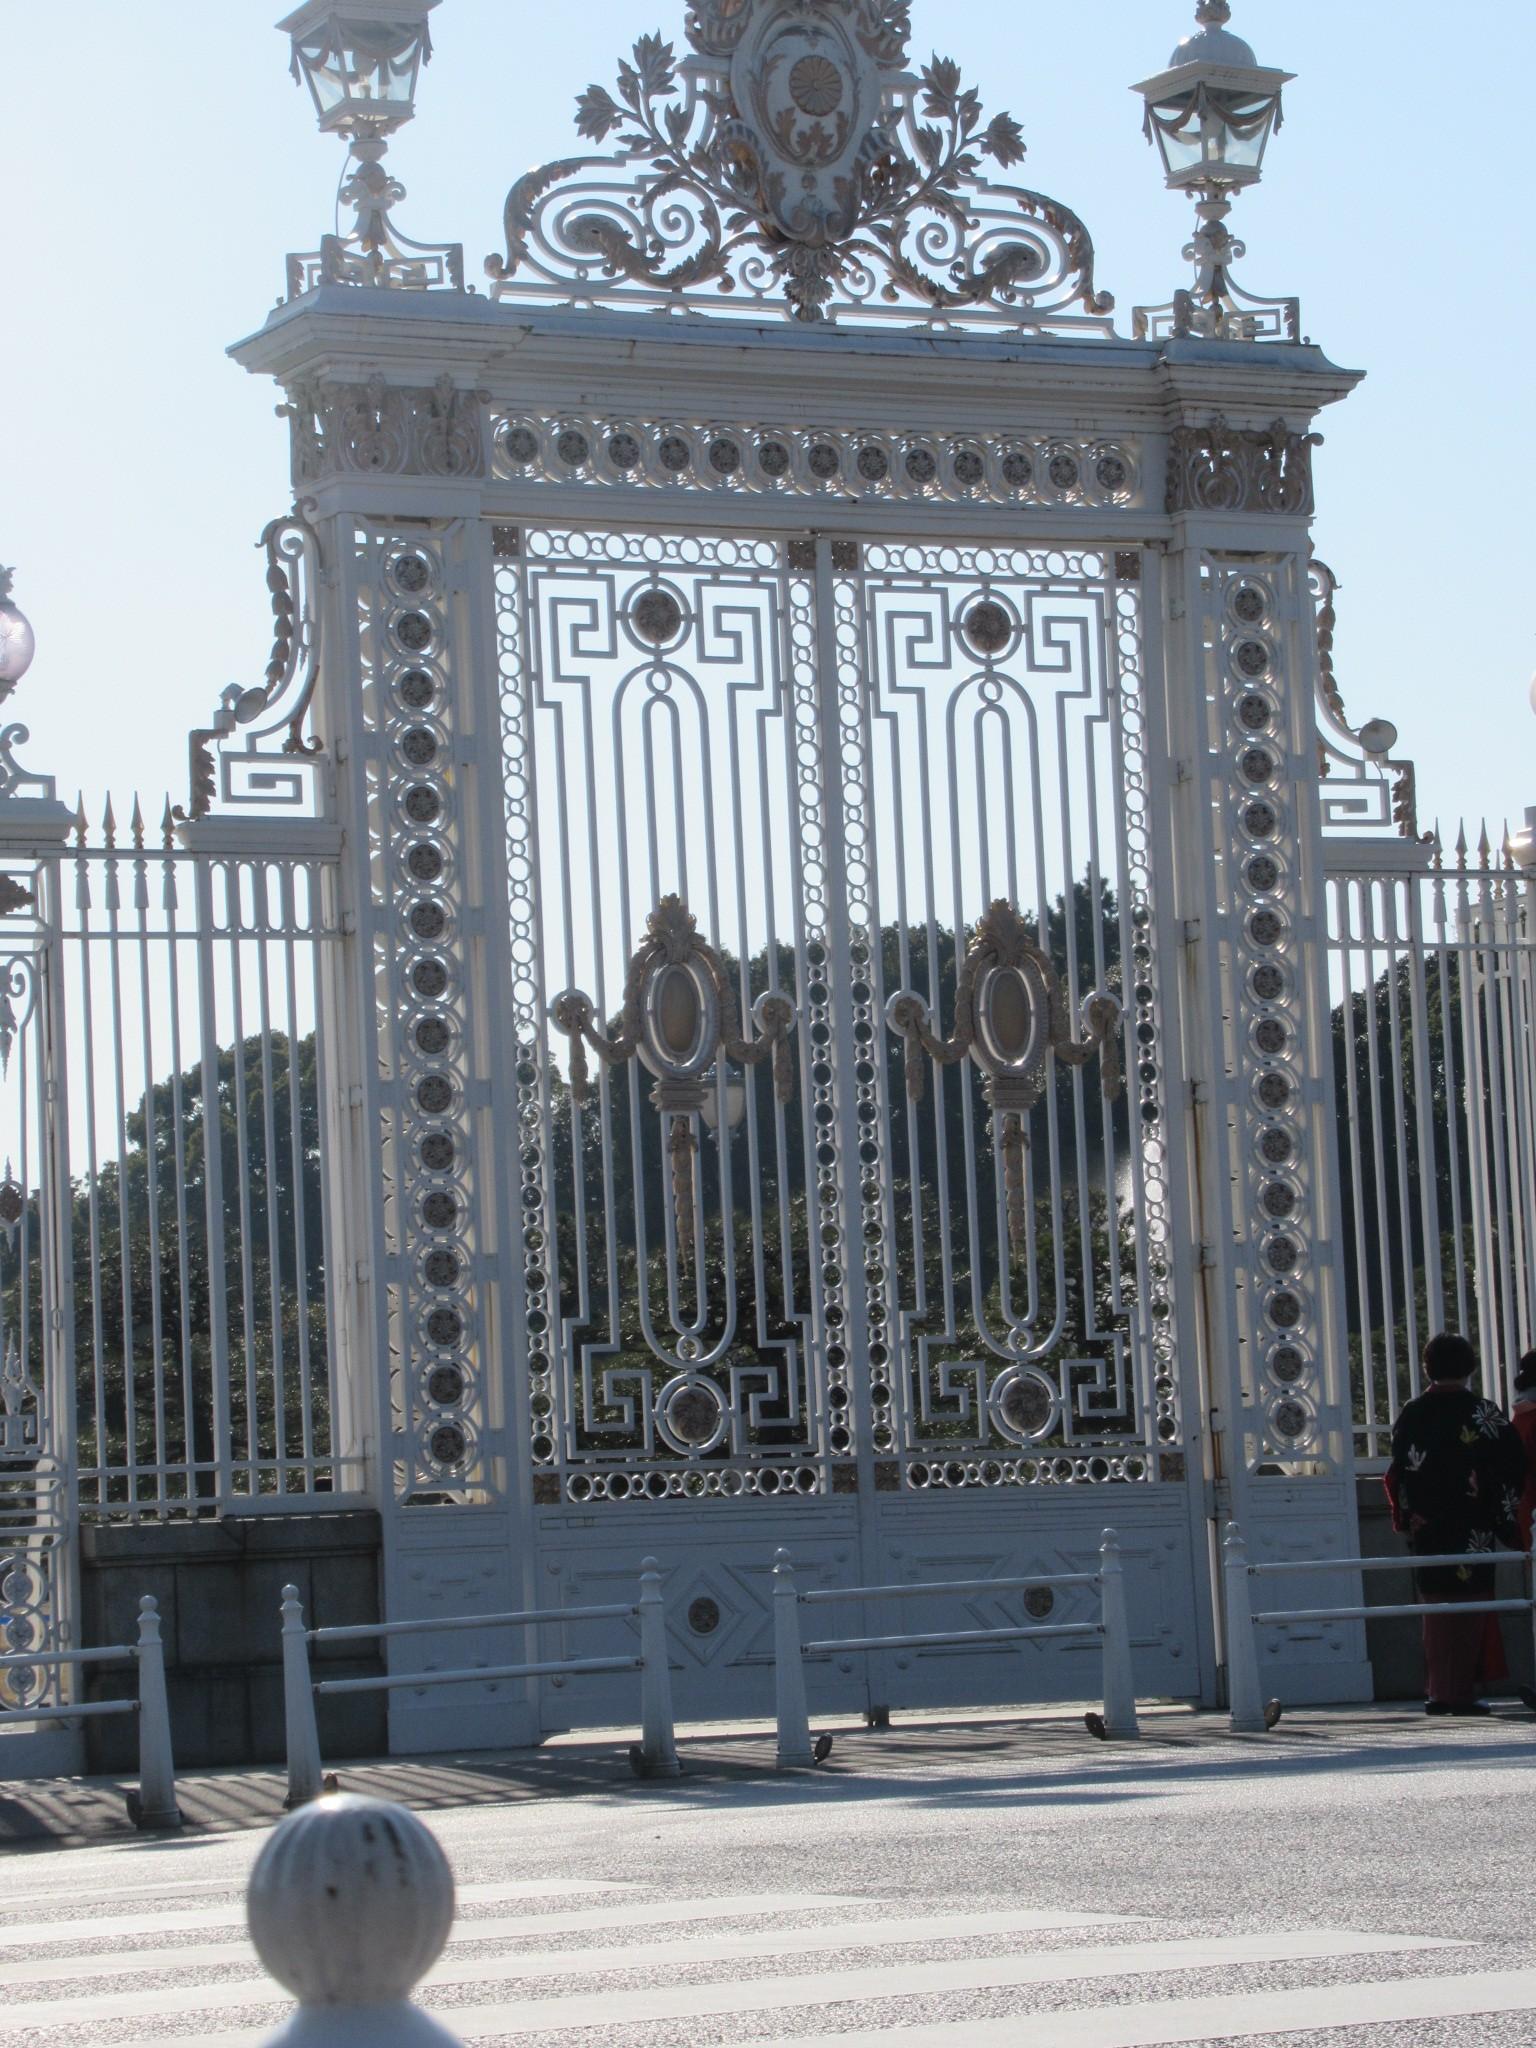 迎賓館赤坂利休の前庭にある門